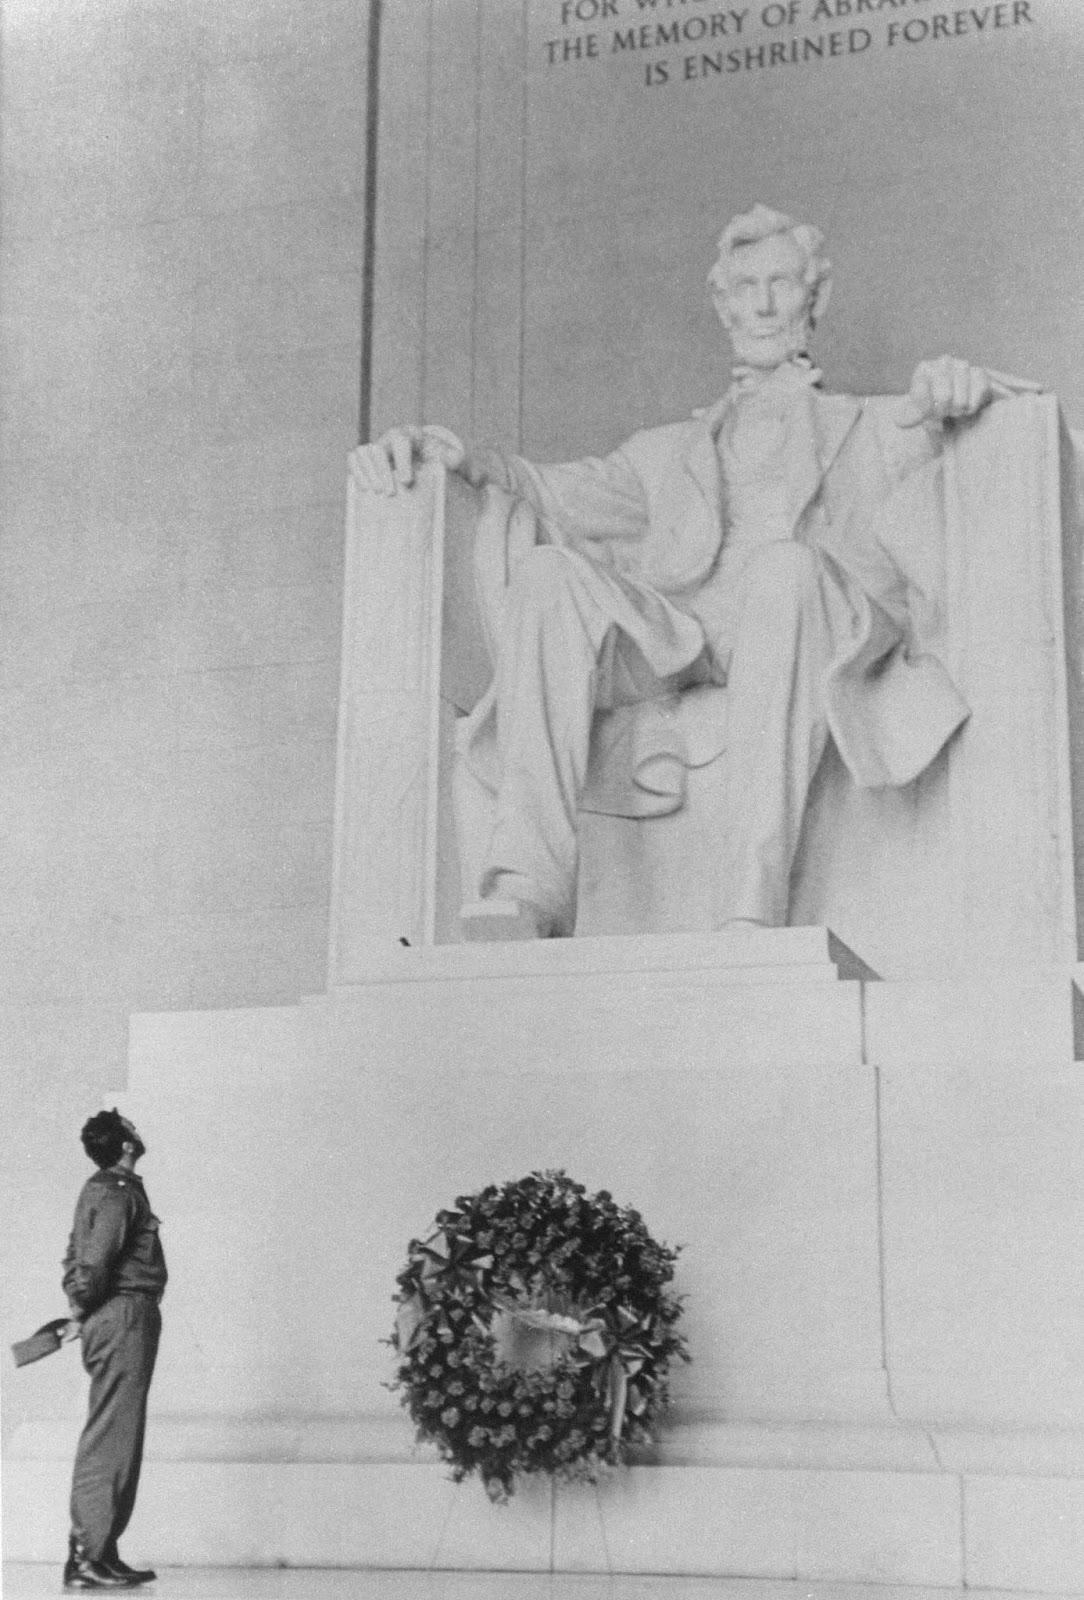 Castro visitando el Lincoln Memorial durante su visita a los Estados Unidos, 1959.